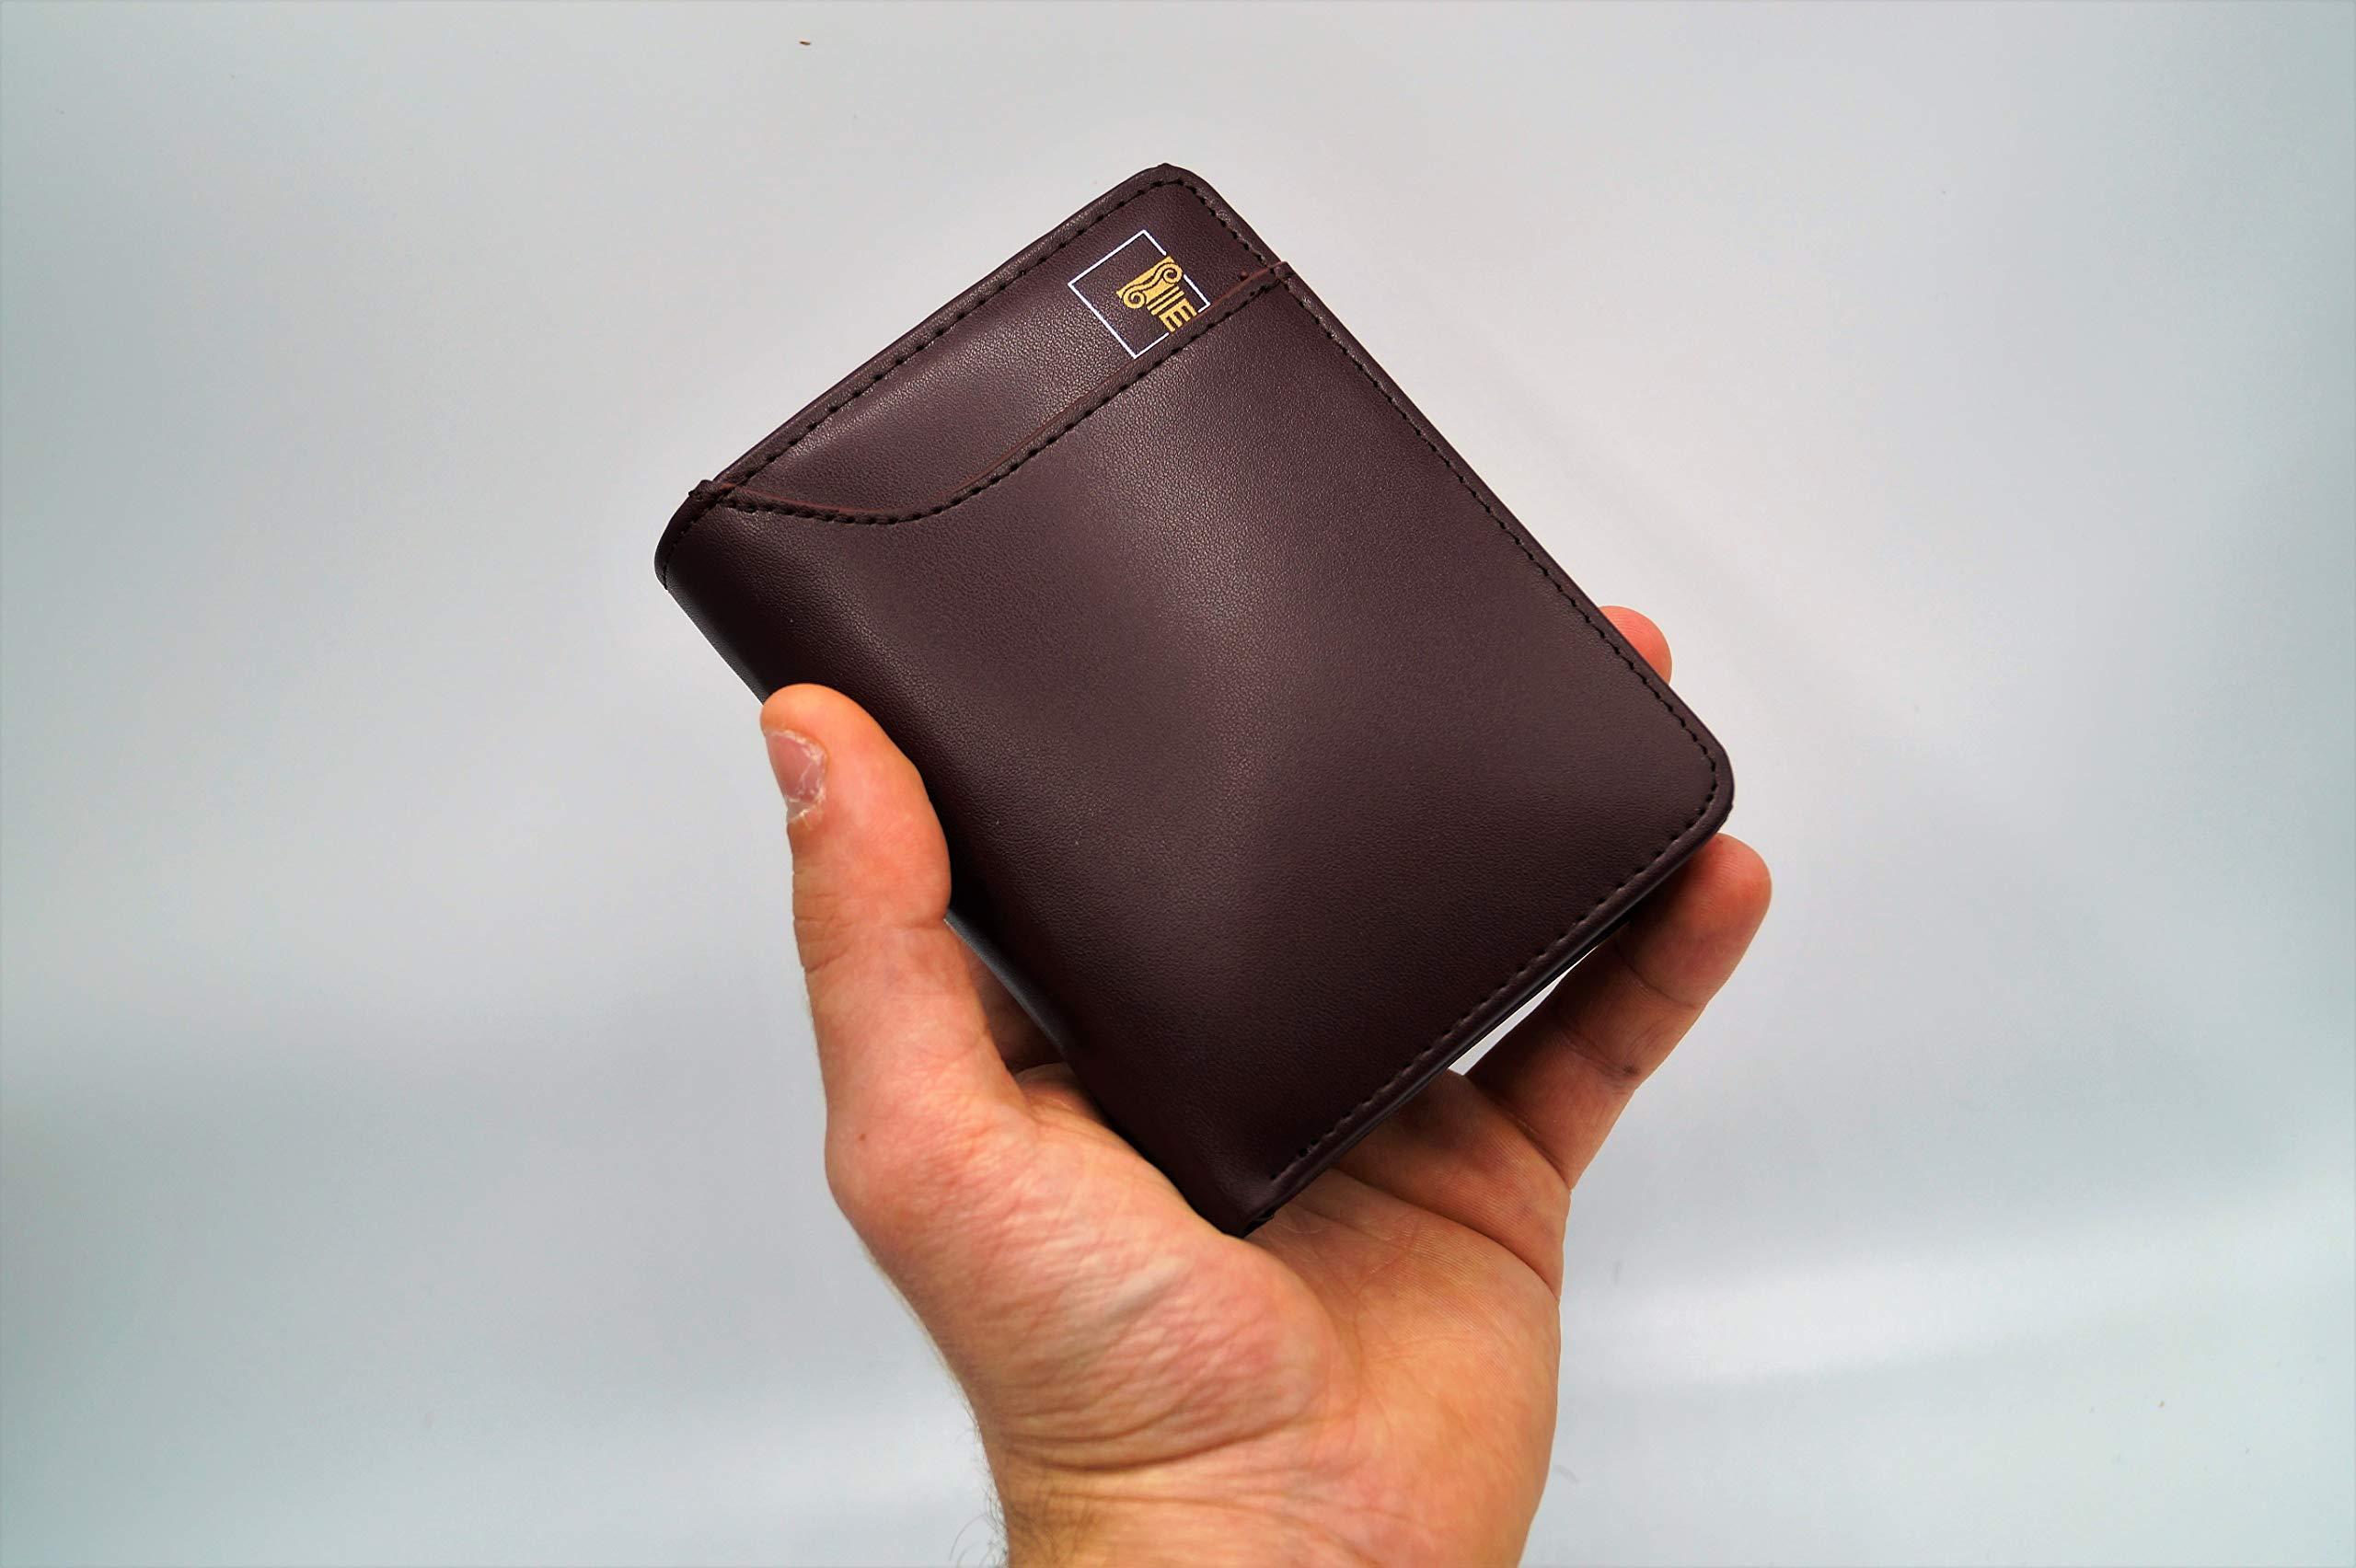 comprare on line 641a5 2b020 OLYMPIA Portafoglio Uomo con Zip, Wallet, Portatessere Tascabile ...